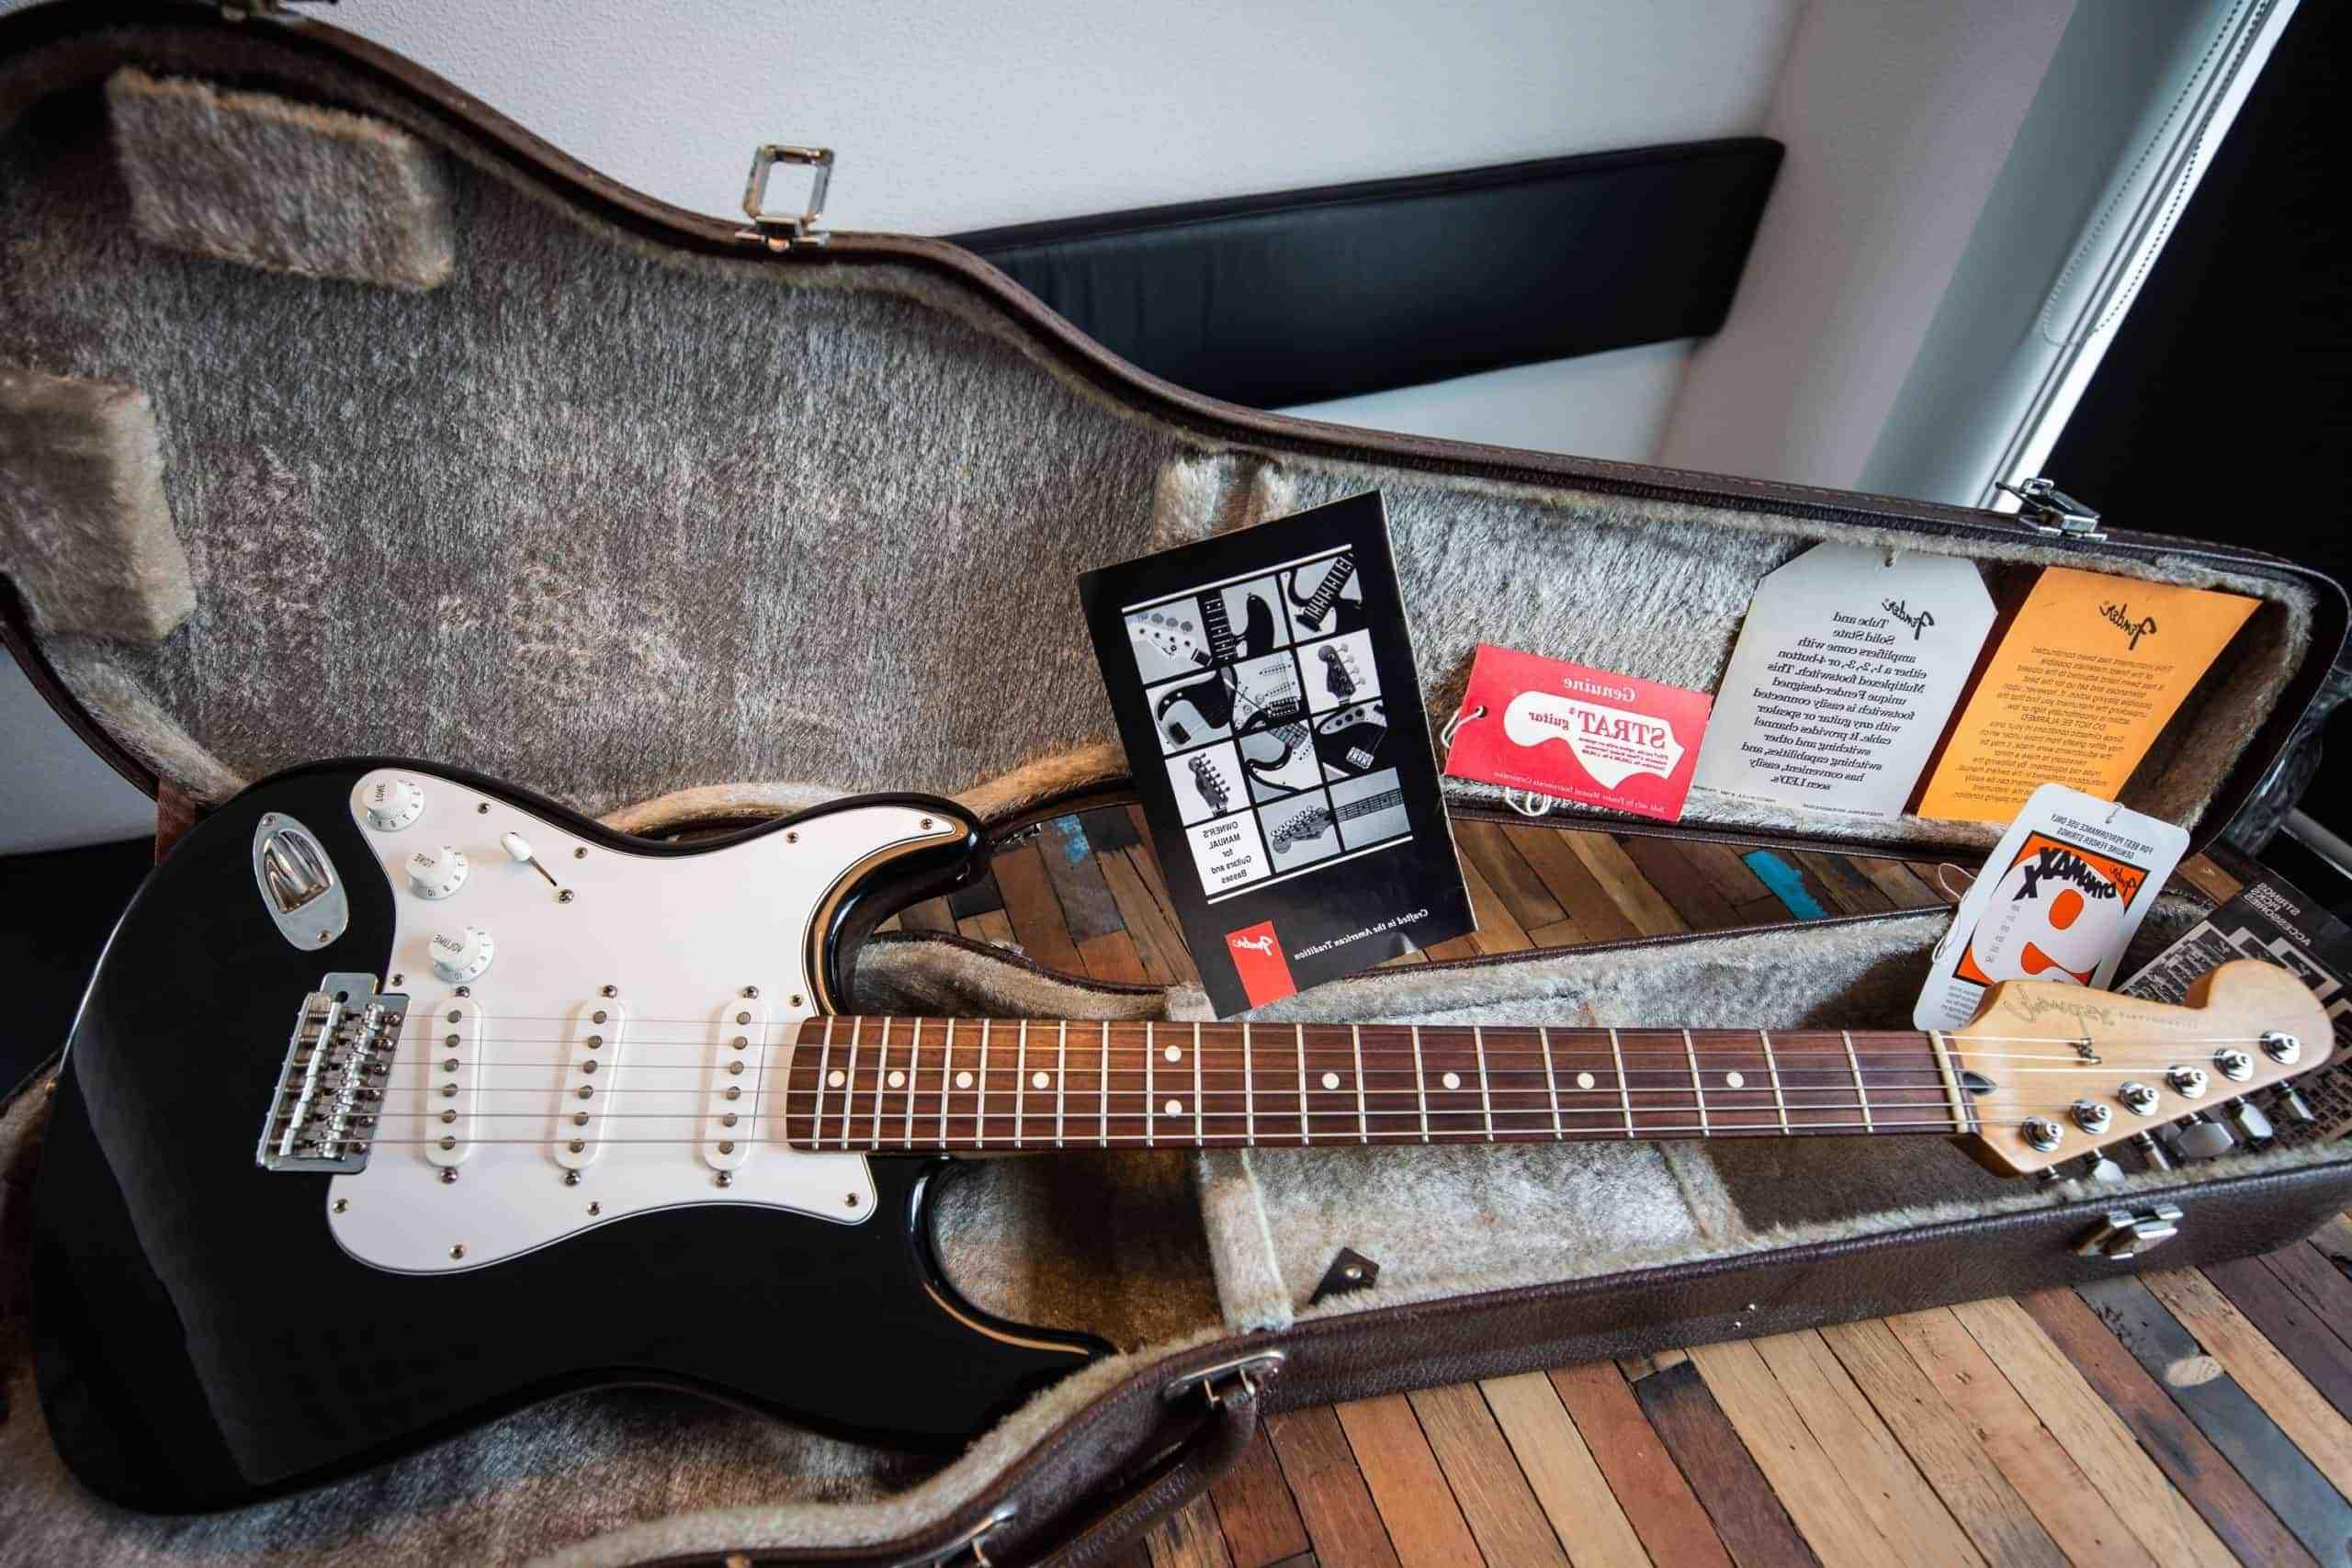 Est-ce facile d'apprendre la guitare electrique ?